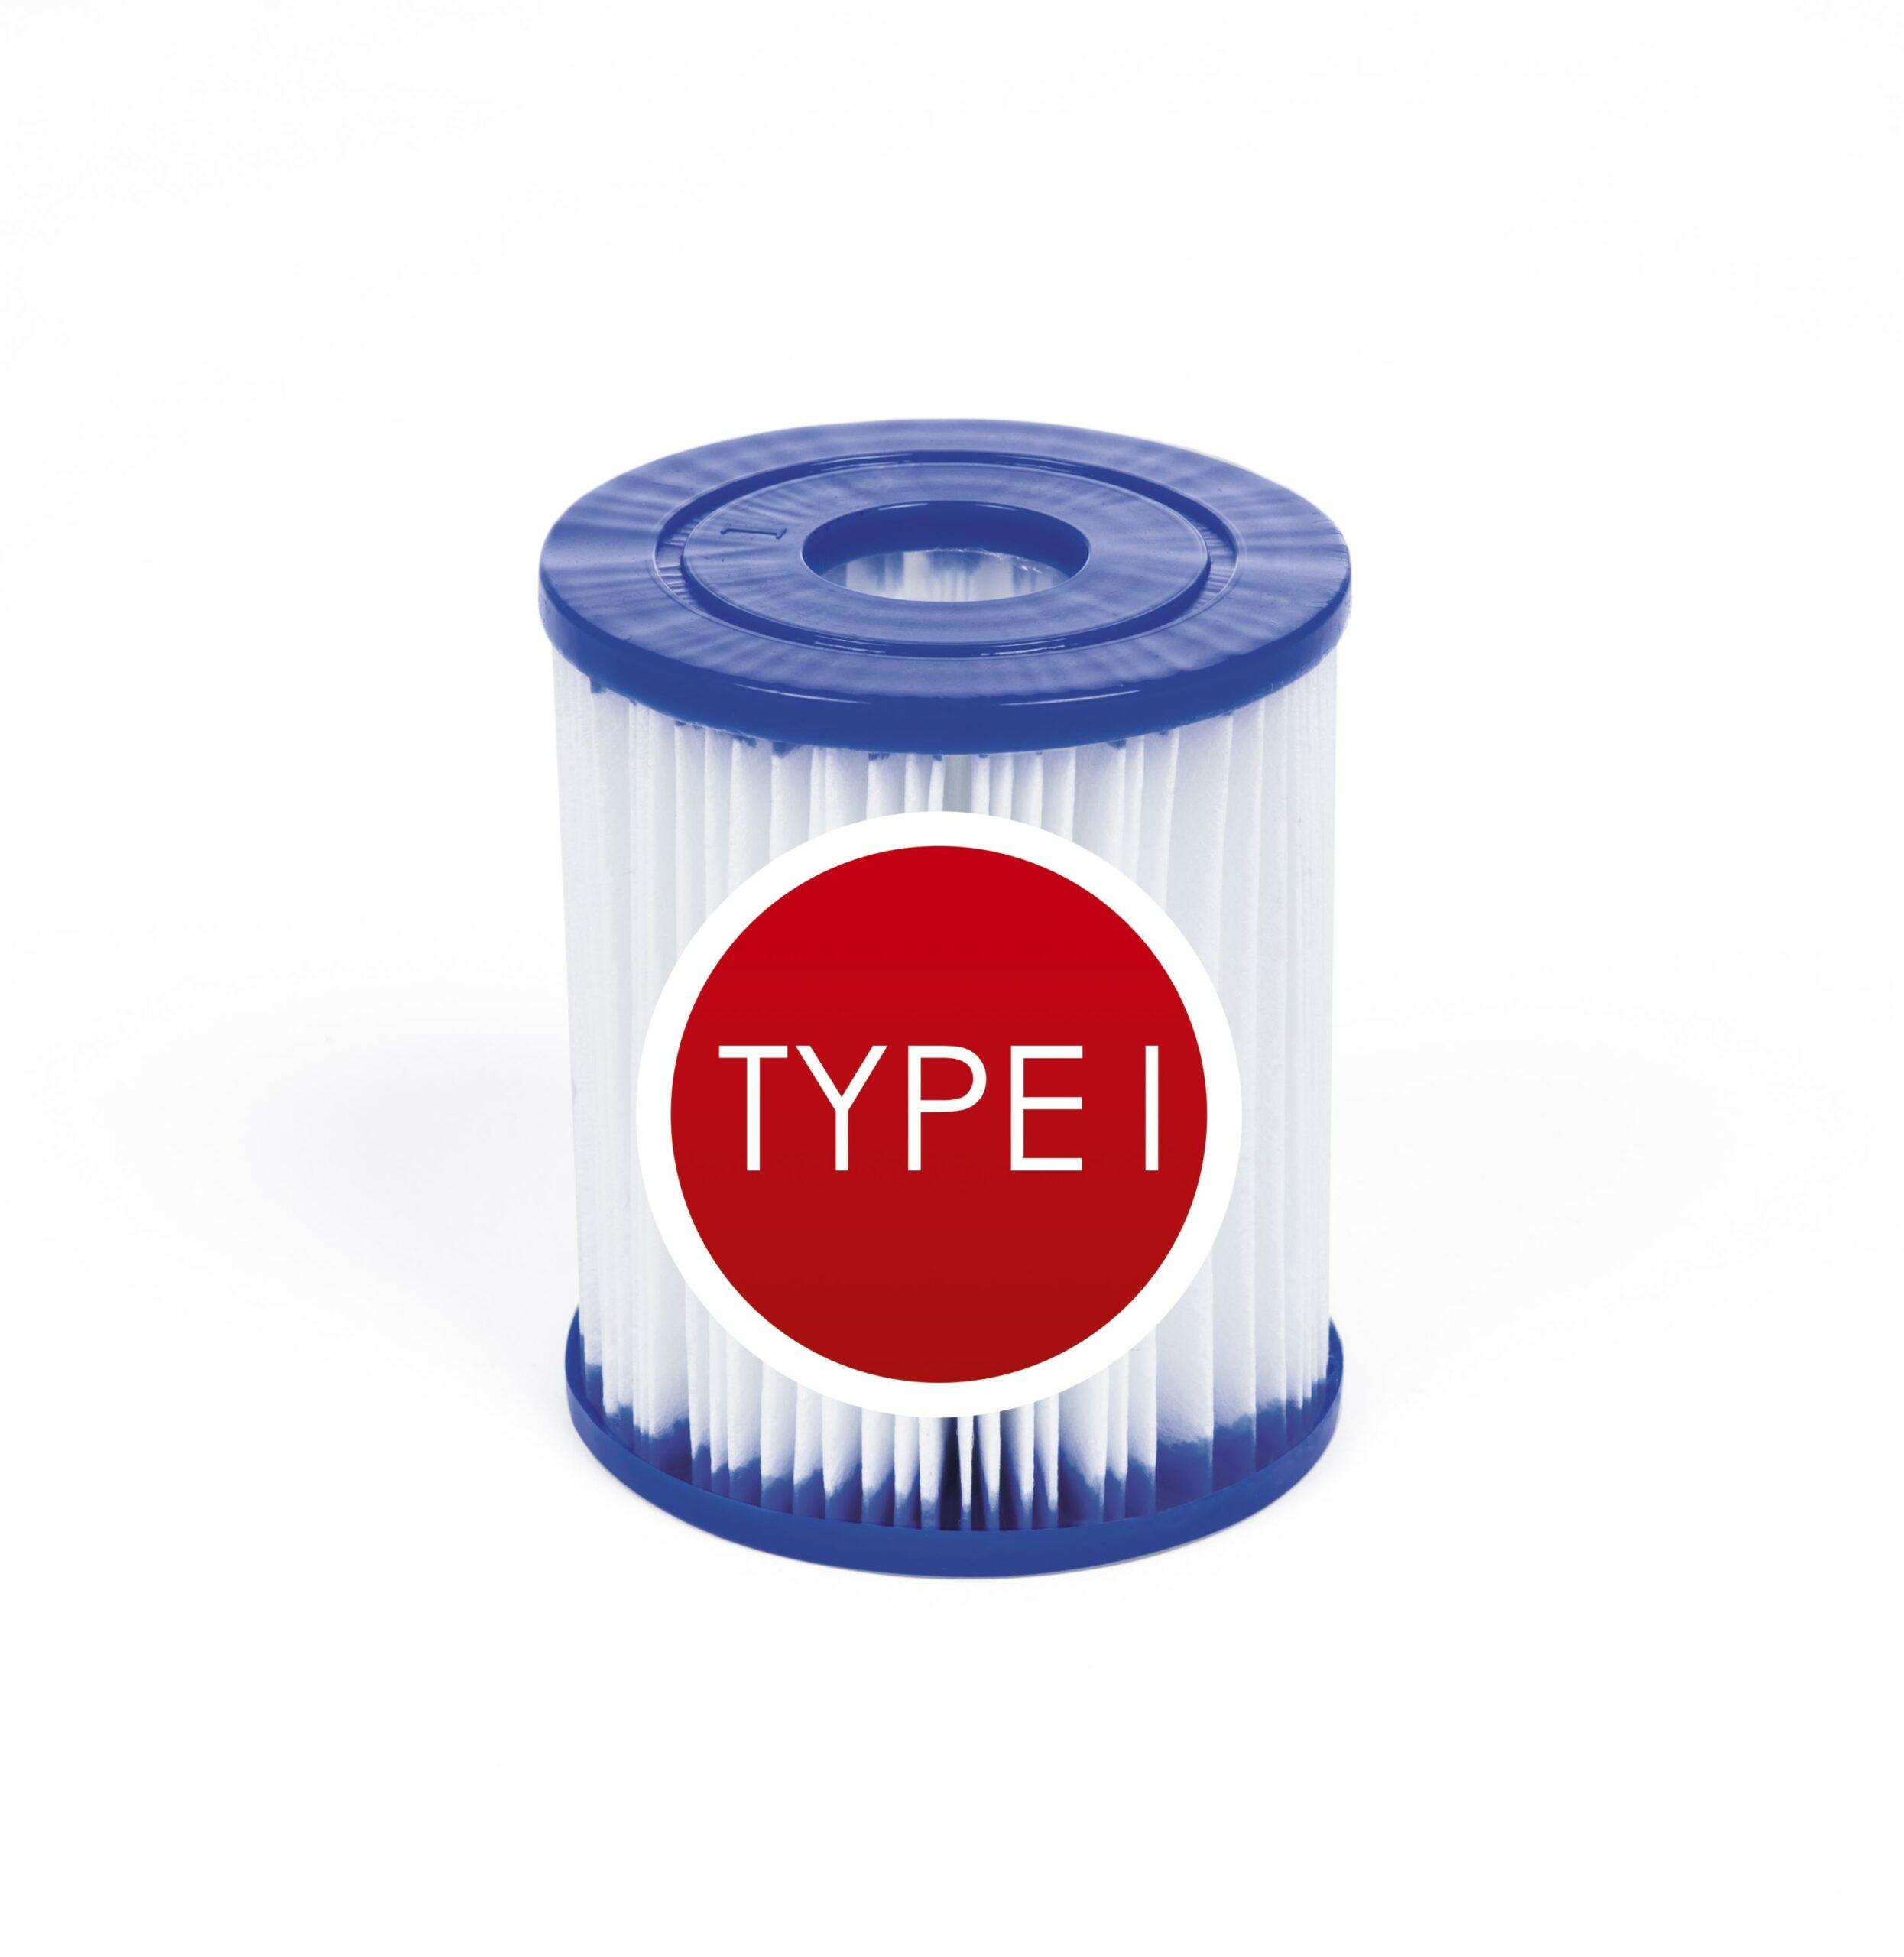 Flowclear Filter Type 1 til filterpumpe